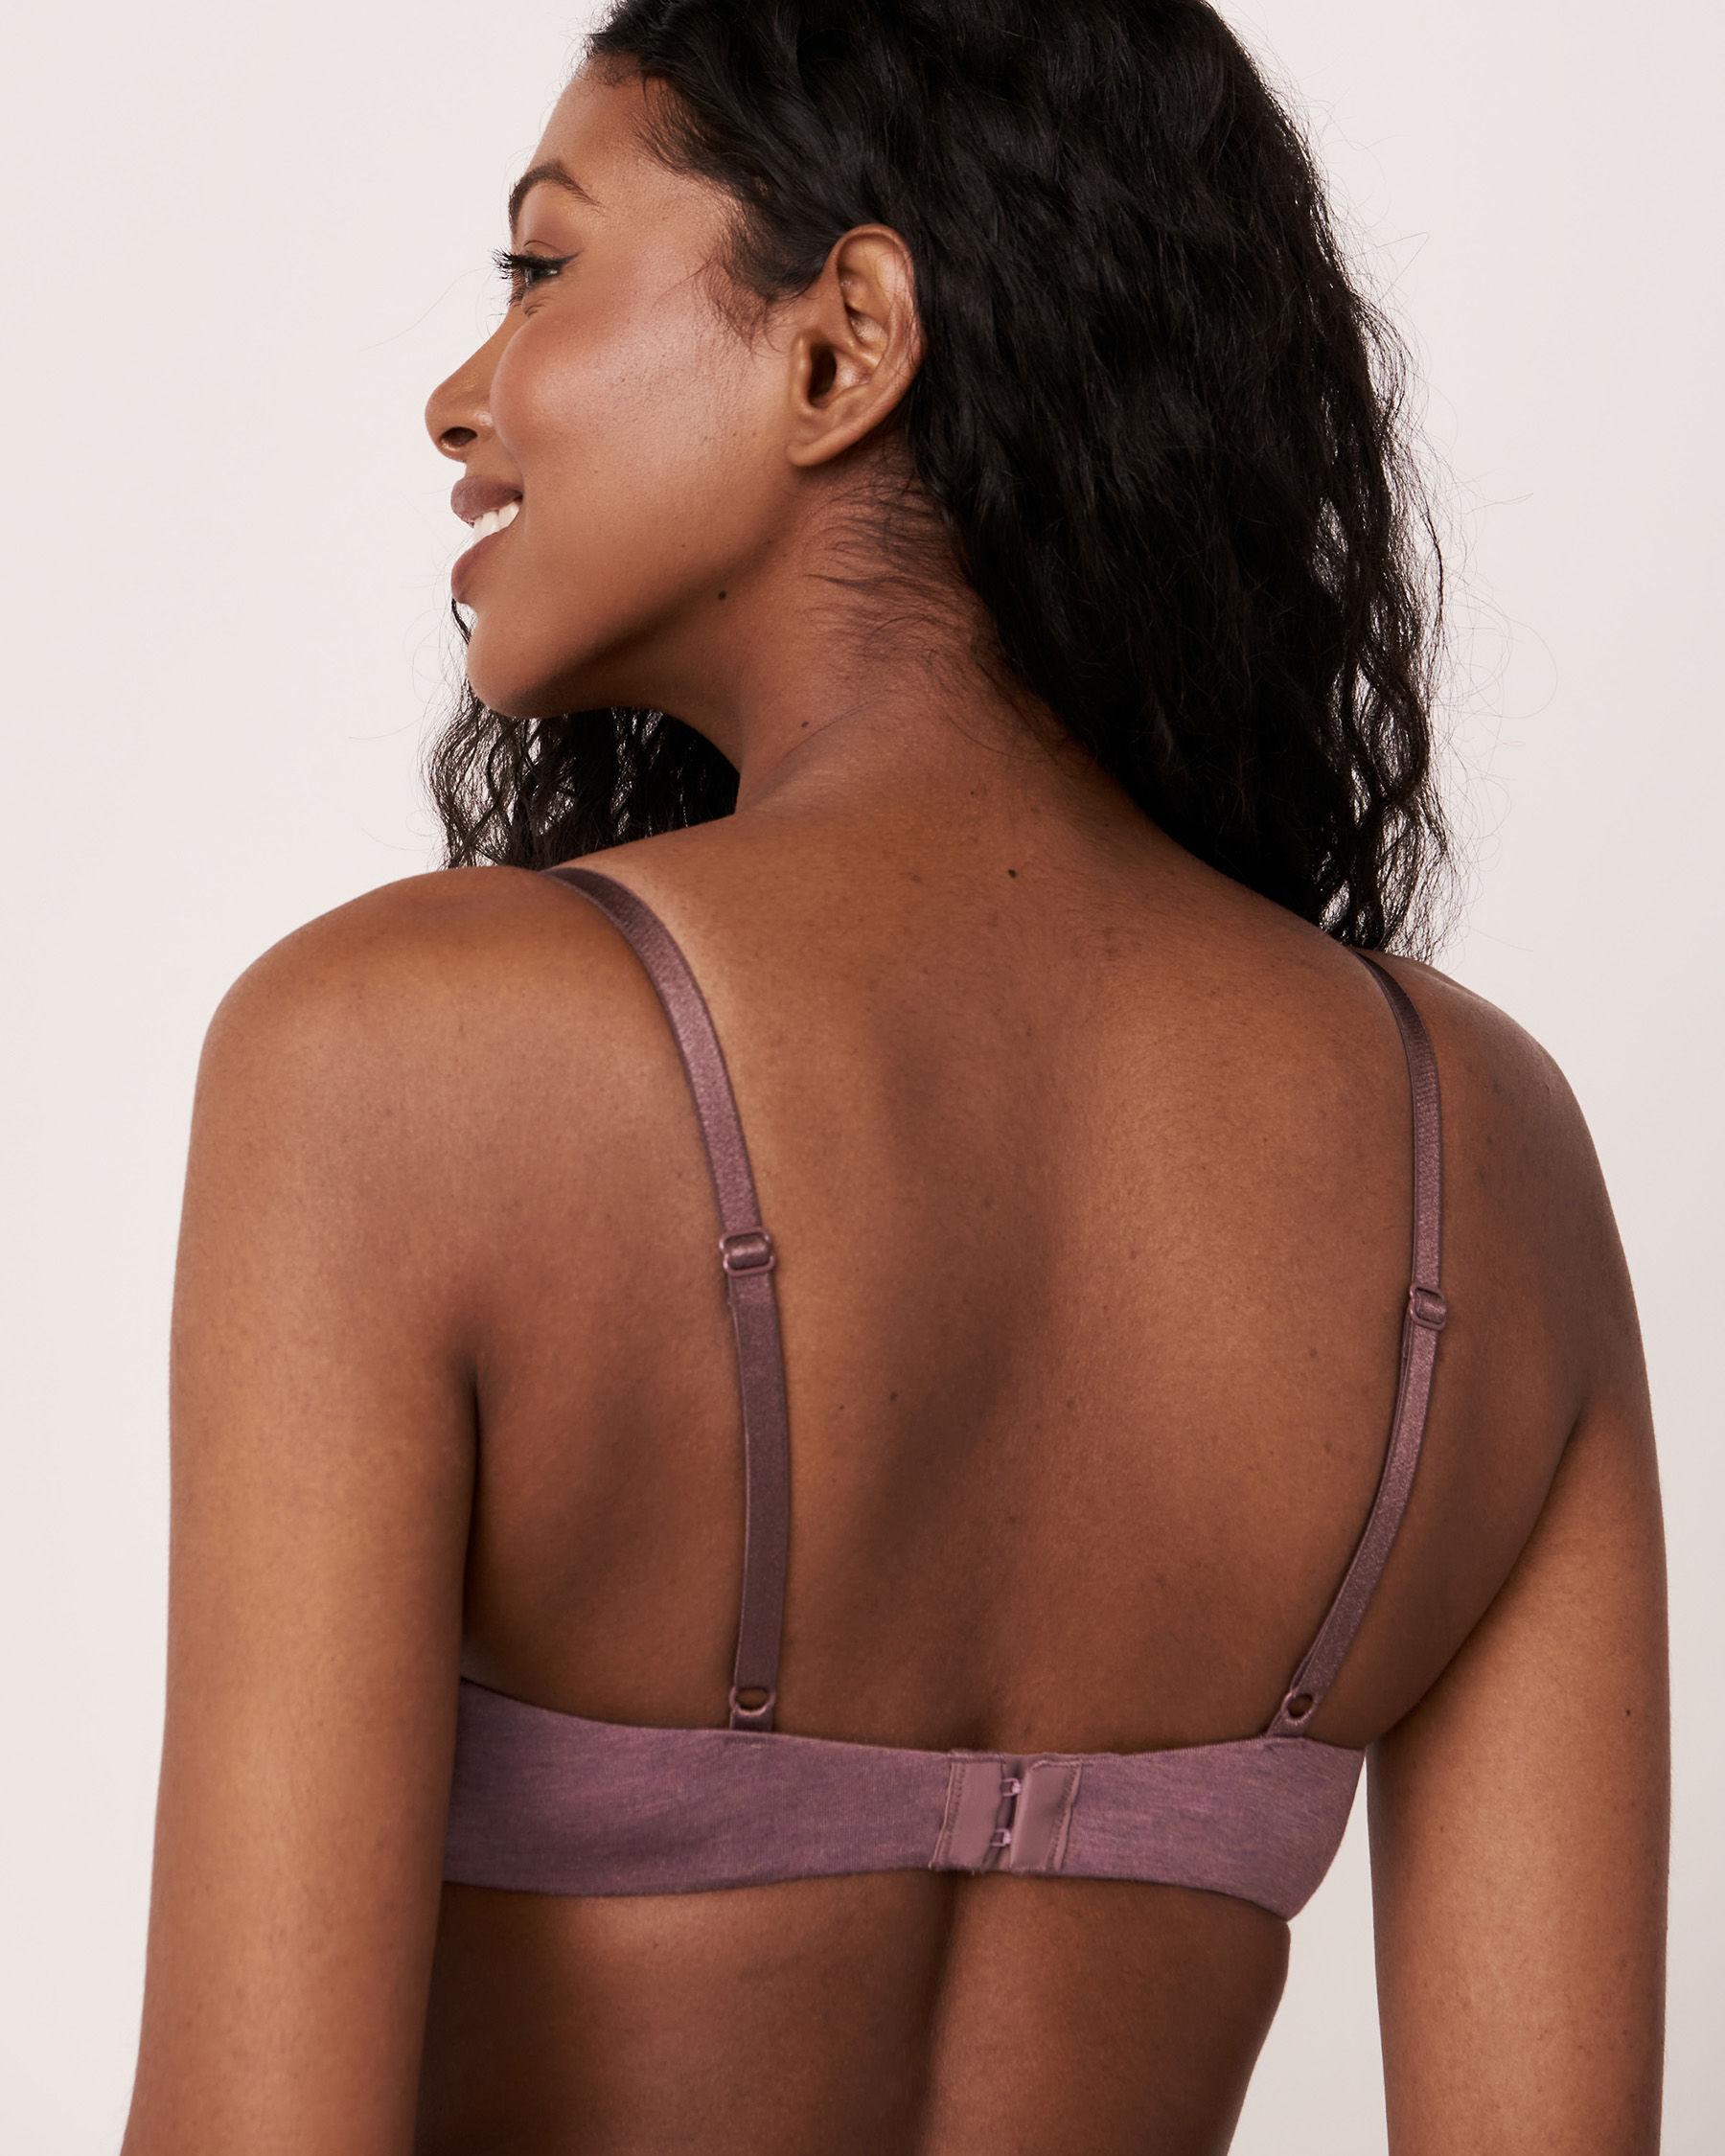 LA VIE EN ROSE Lightly Lined Demi Modal Bra Purple mix 10200050 - View2